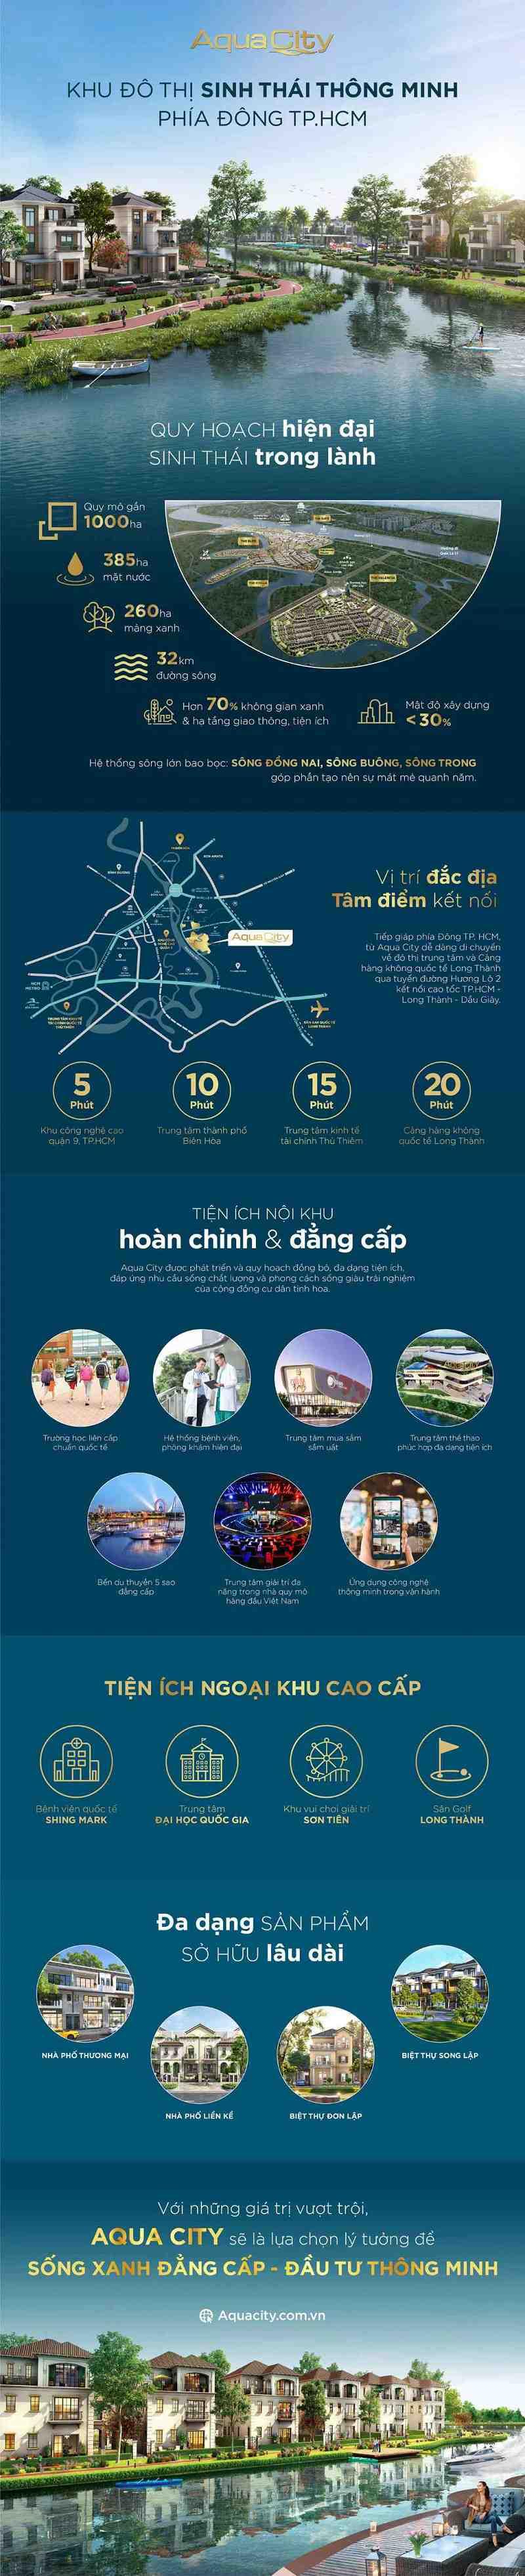 Aqua City do thi sinh thai thong minh phia dong TPHCM 1 1585215338 501 width1040height5103 1